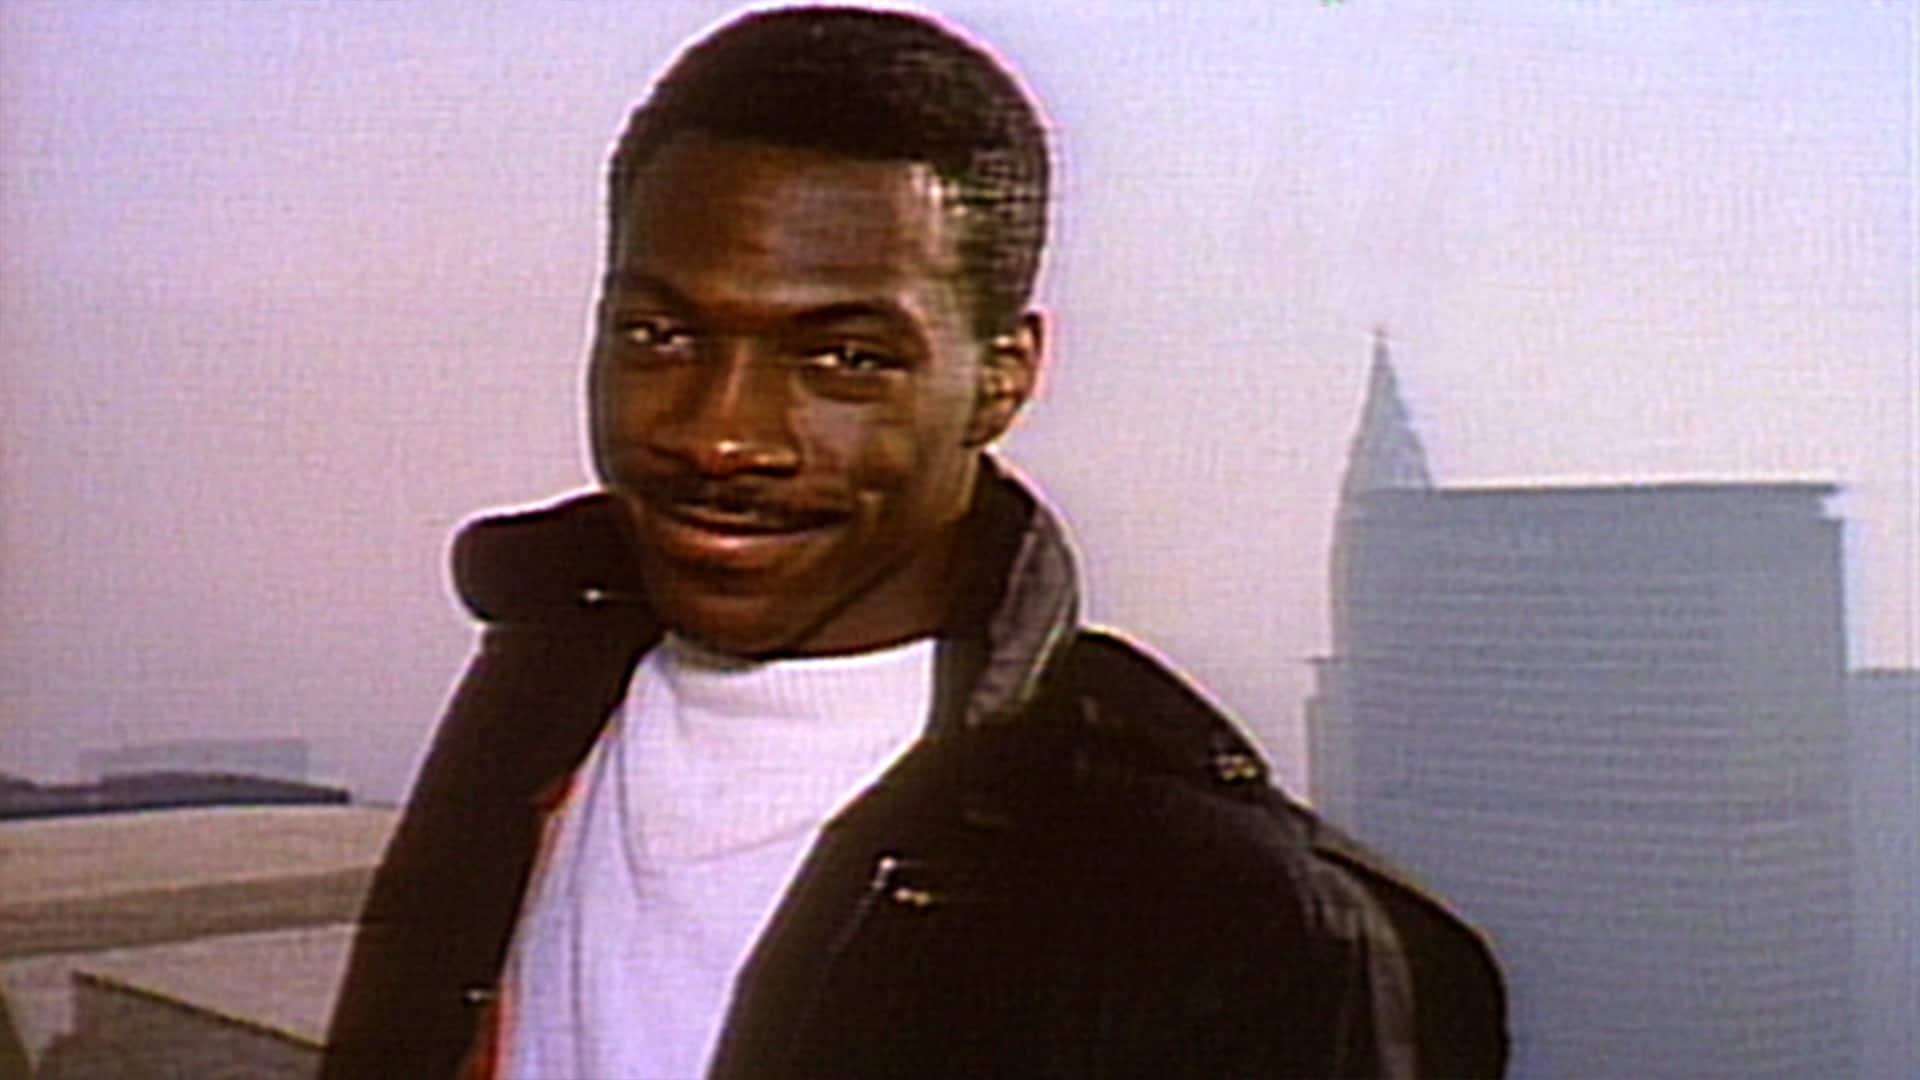 Eddie Murphy: December 15, 1984